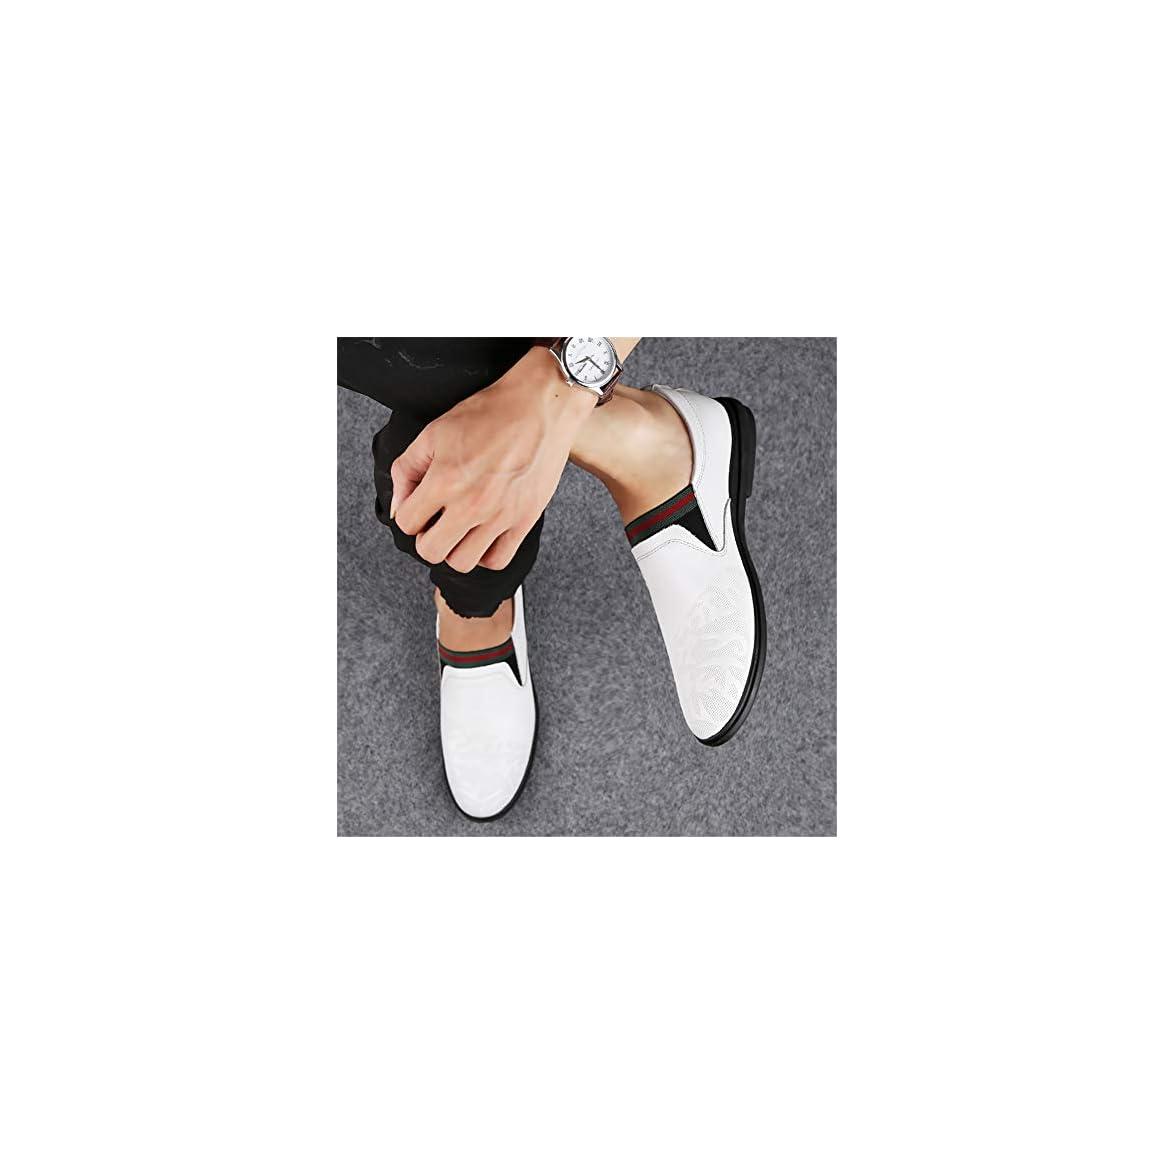 Gpf-fei Scarpa Da Uomo In Pelle Pigro Scarpe Mocassini Guida Piselli Confortevole Moda Tempo Libero white 45